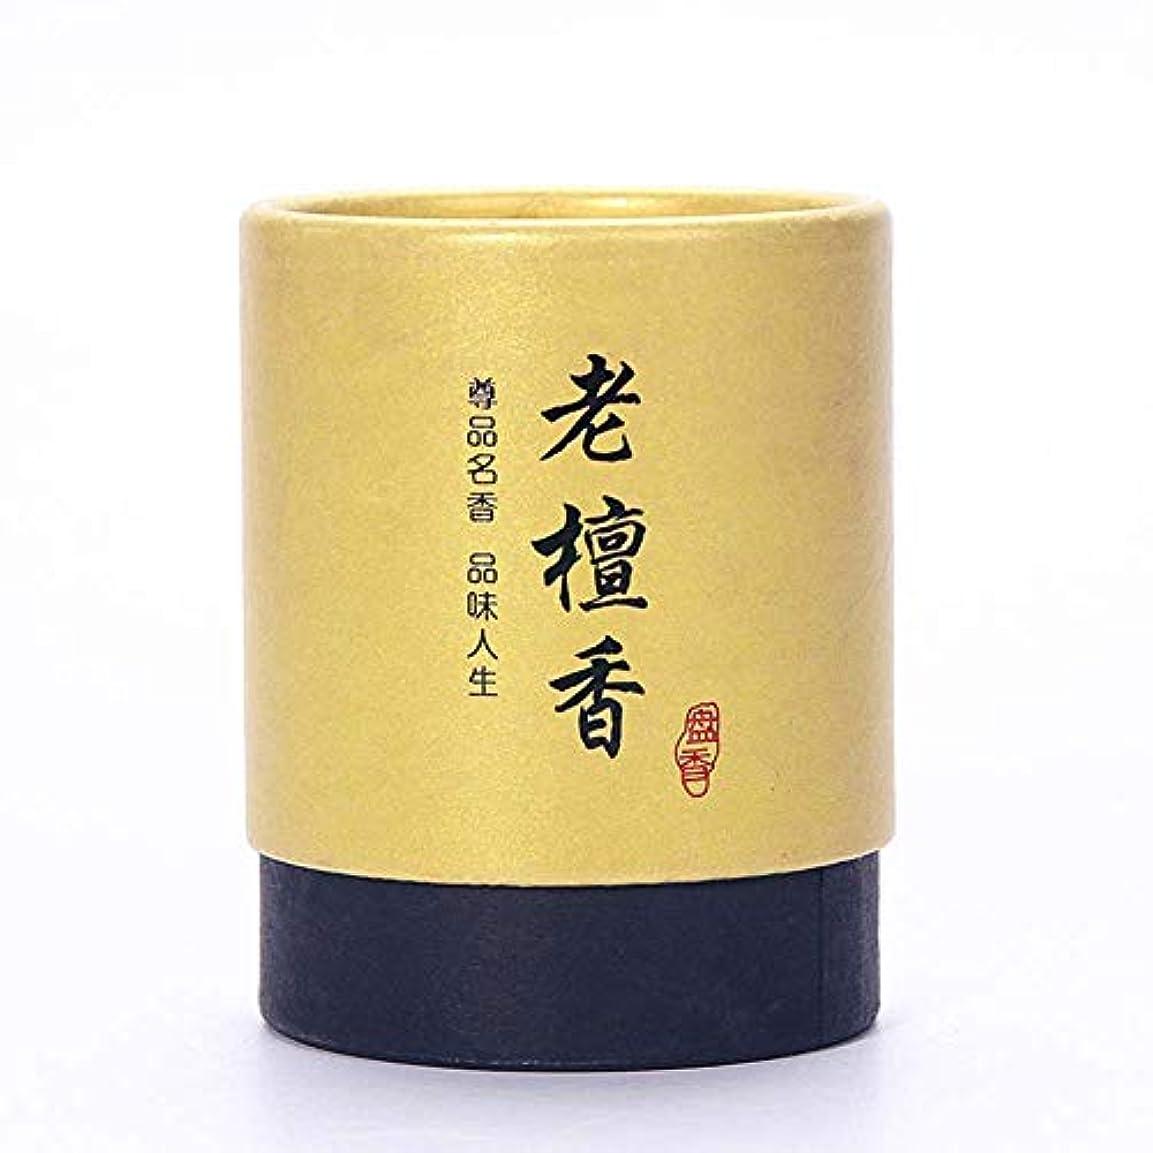 イデオロギー共和国亡命HwaGui お香 ビャクダン 2時間 盤香 渦巻き線香 優しい香り 48巻入 (老い檀香)